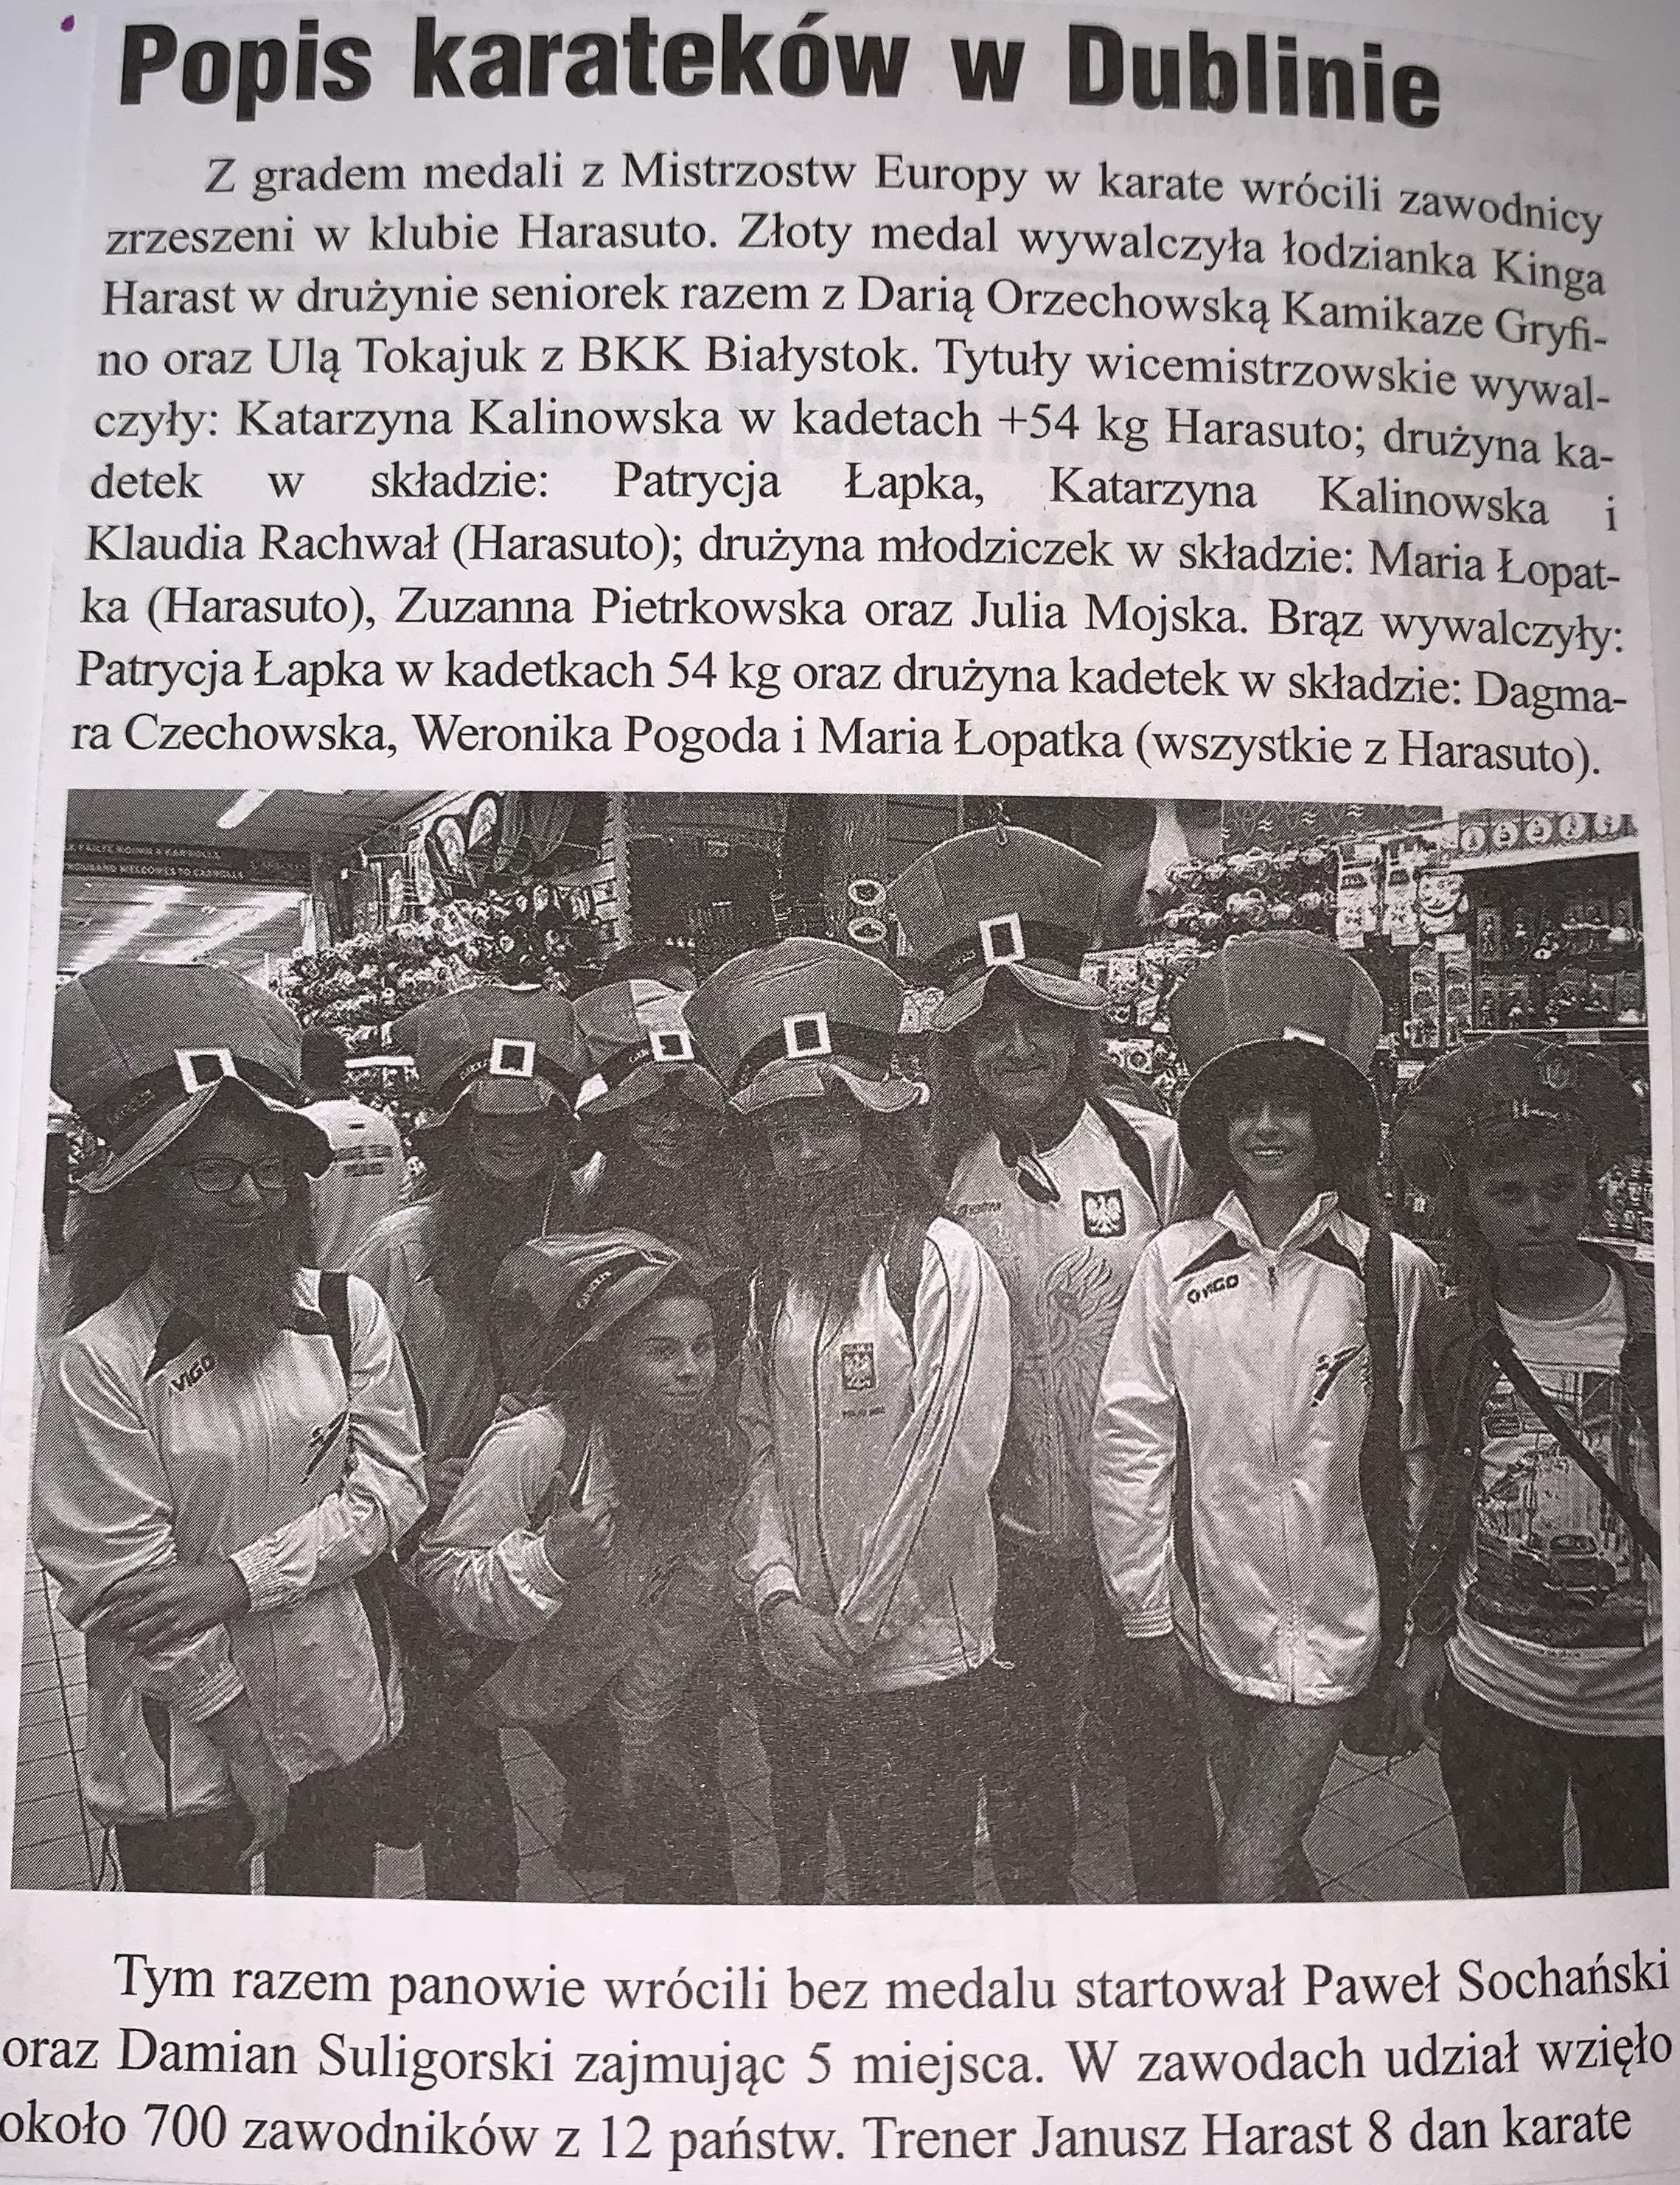 Artukuł w gazecie o klubie Harasuto